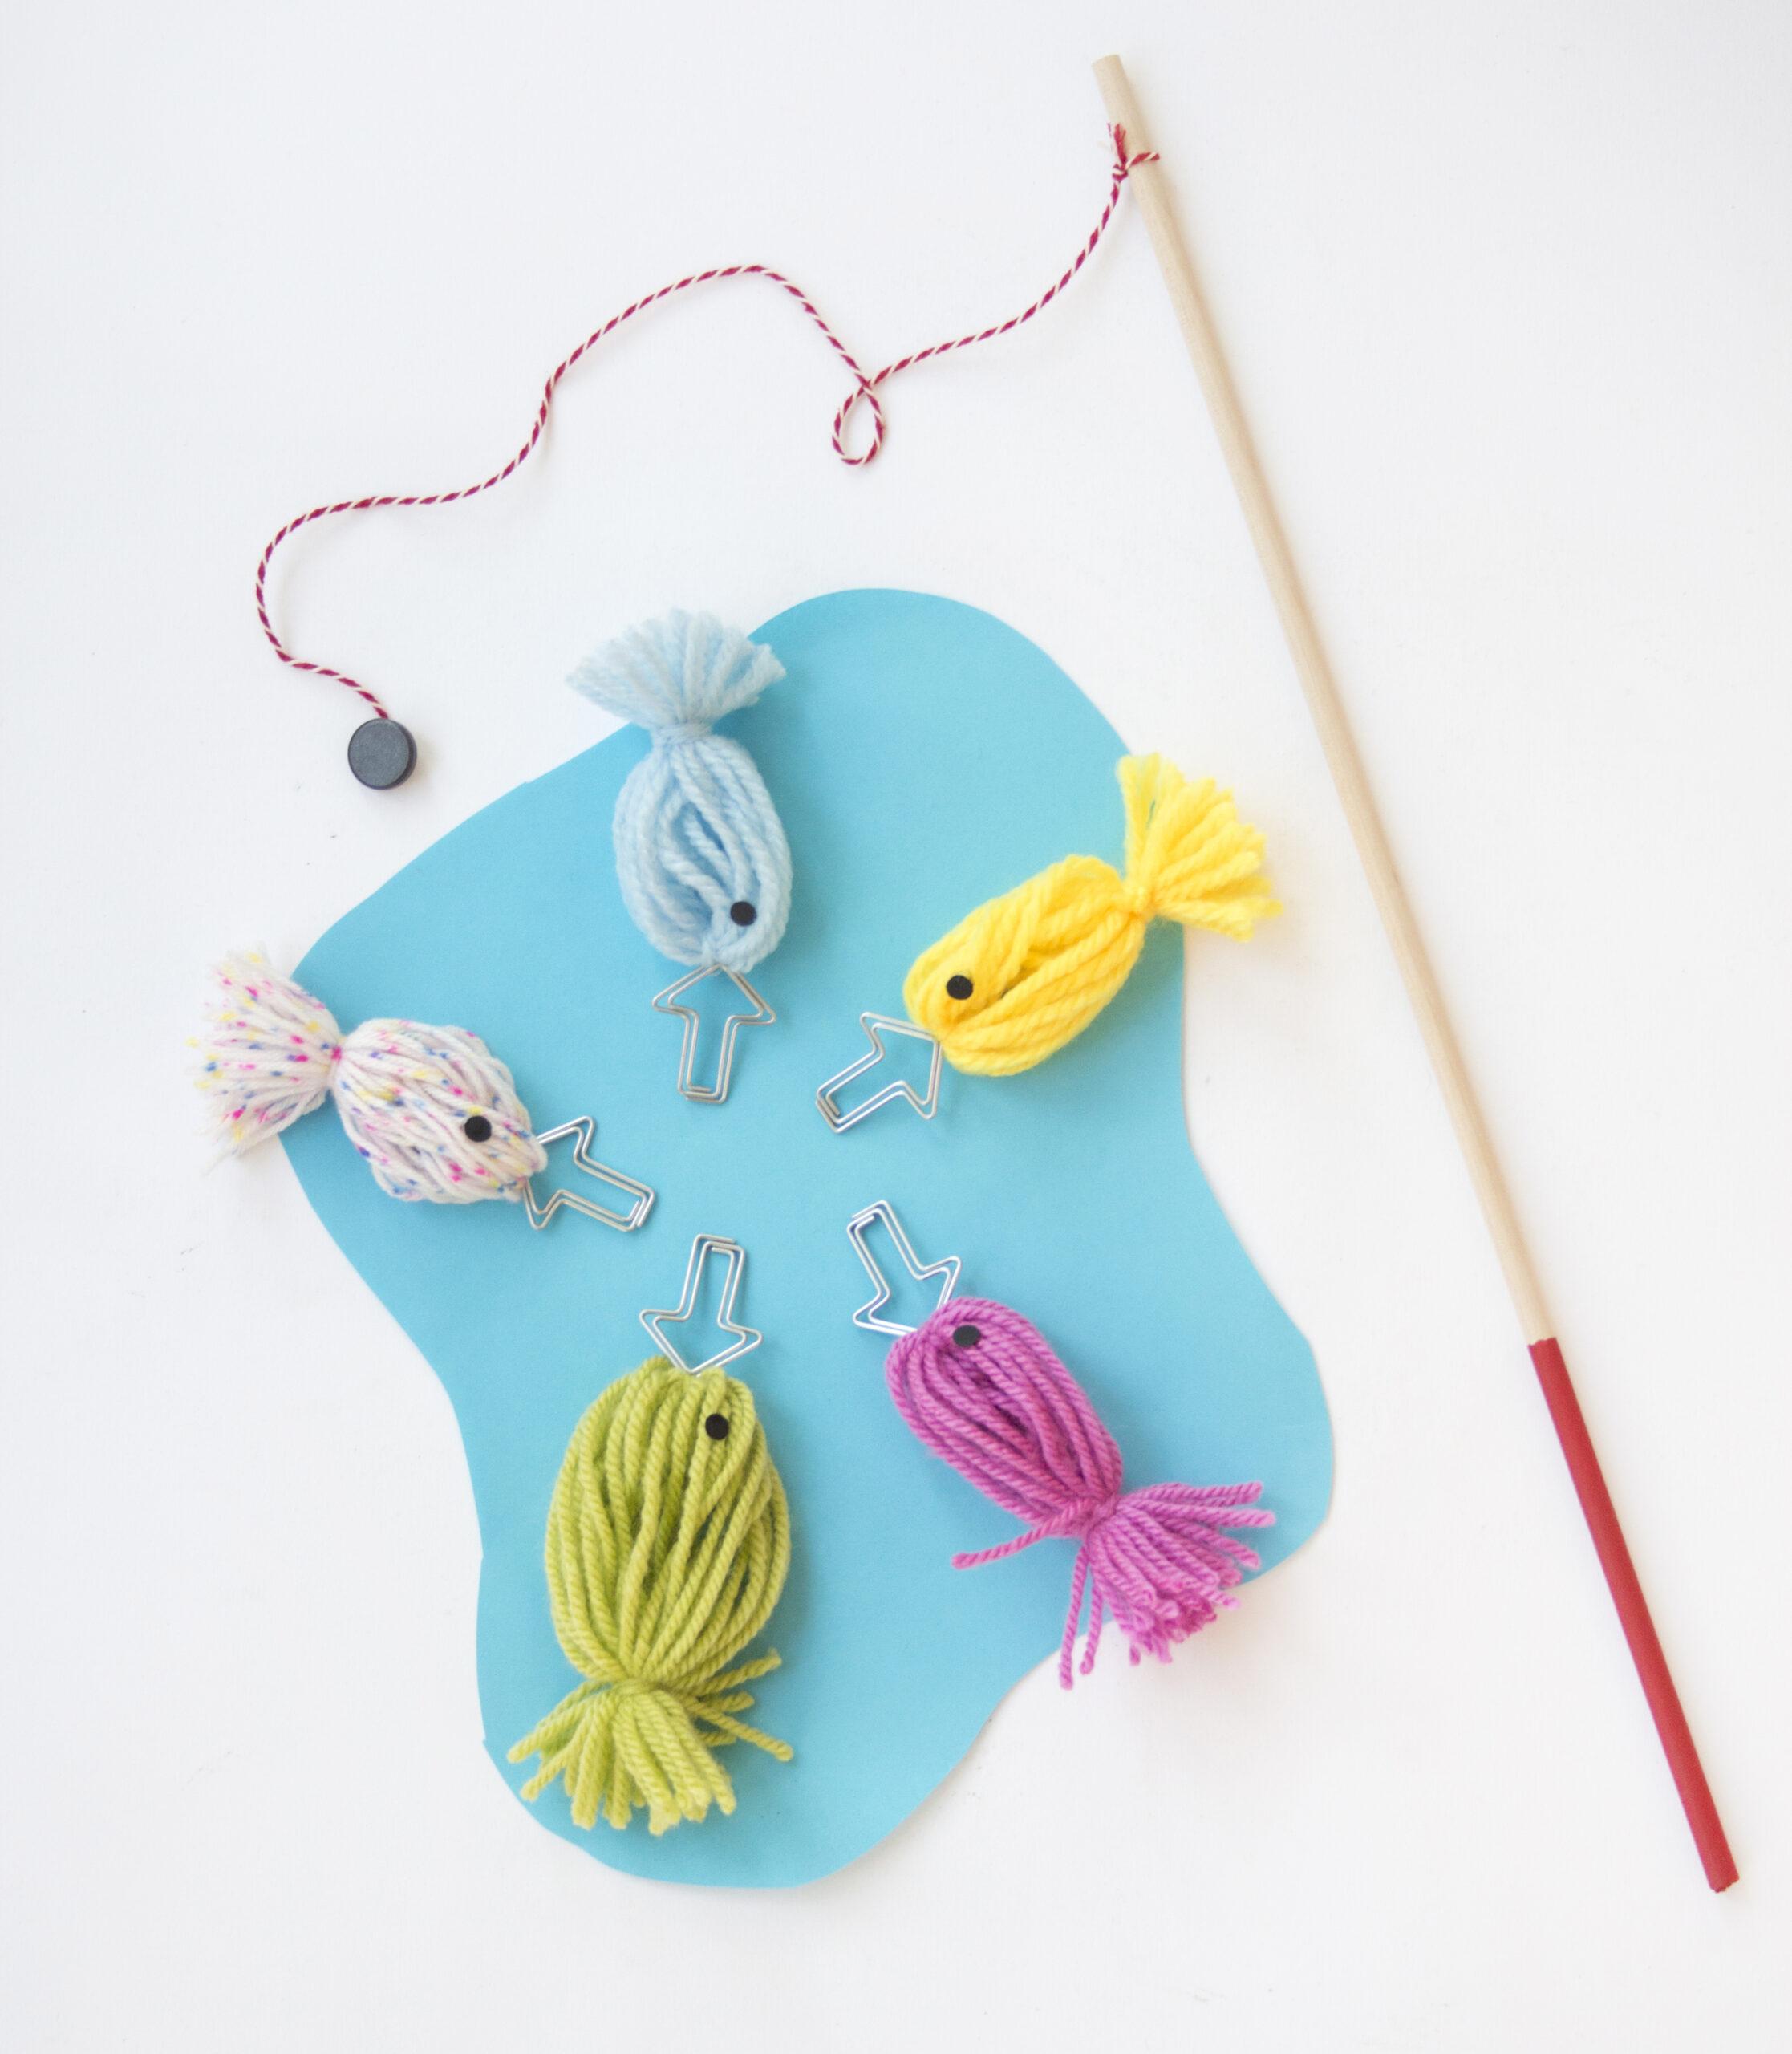 Fiskespel | Pysselbolaget